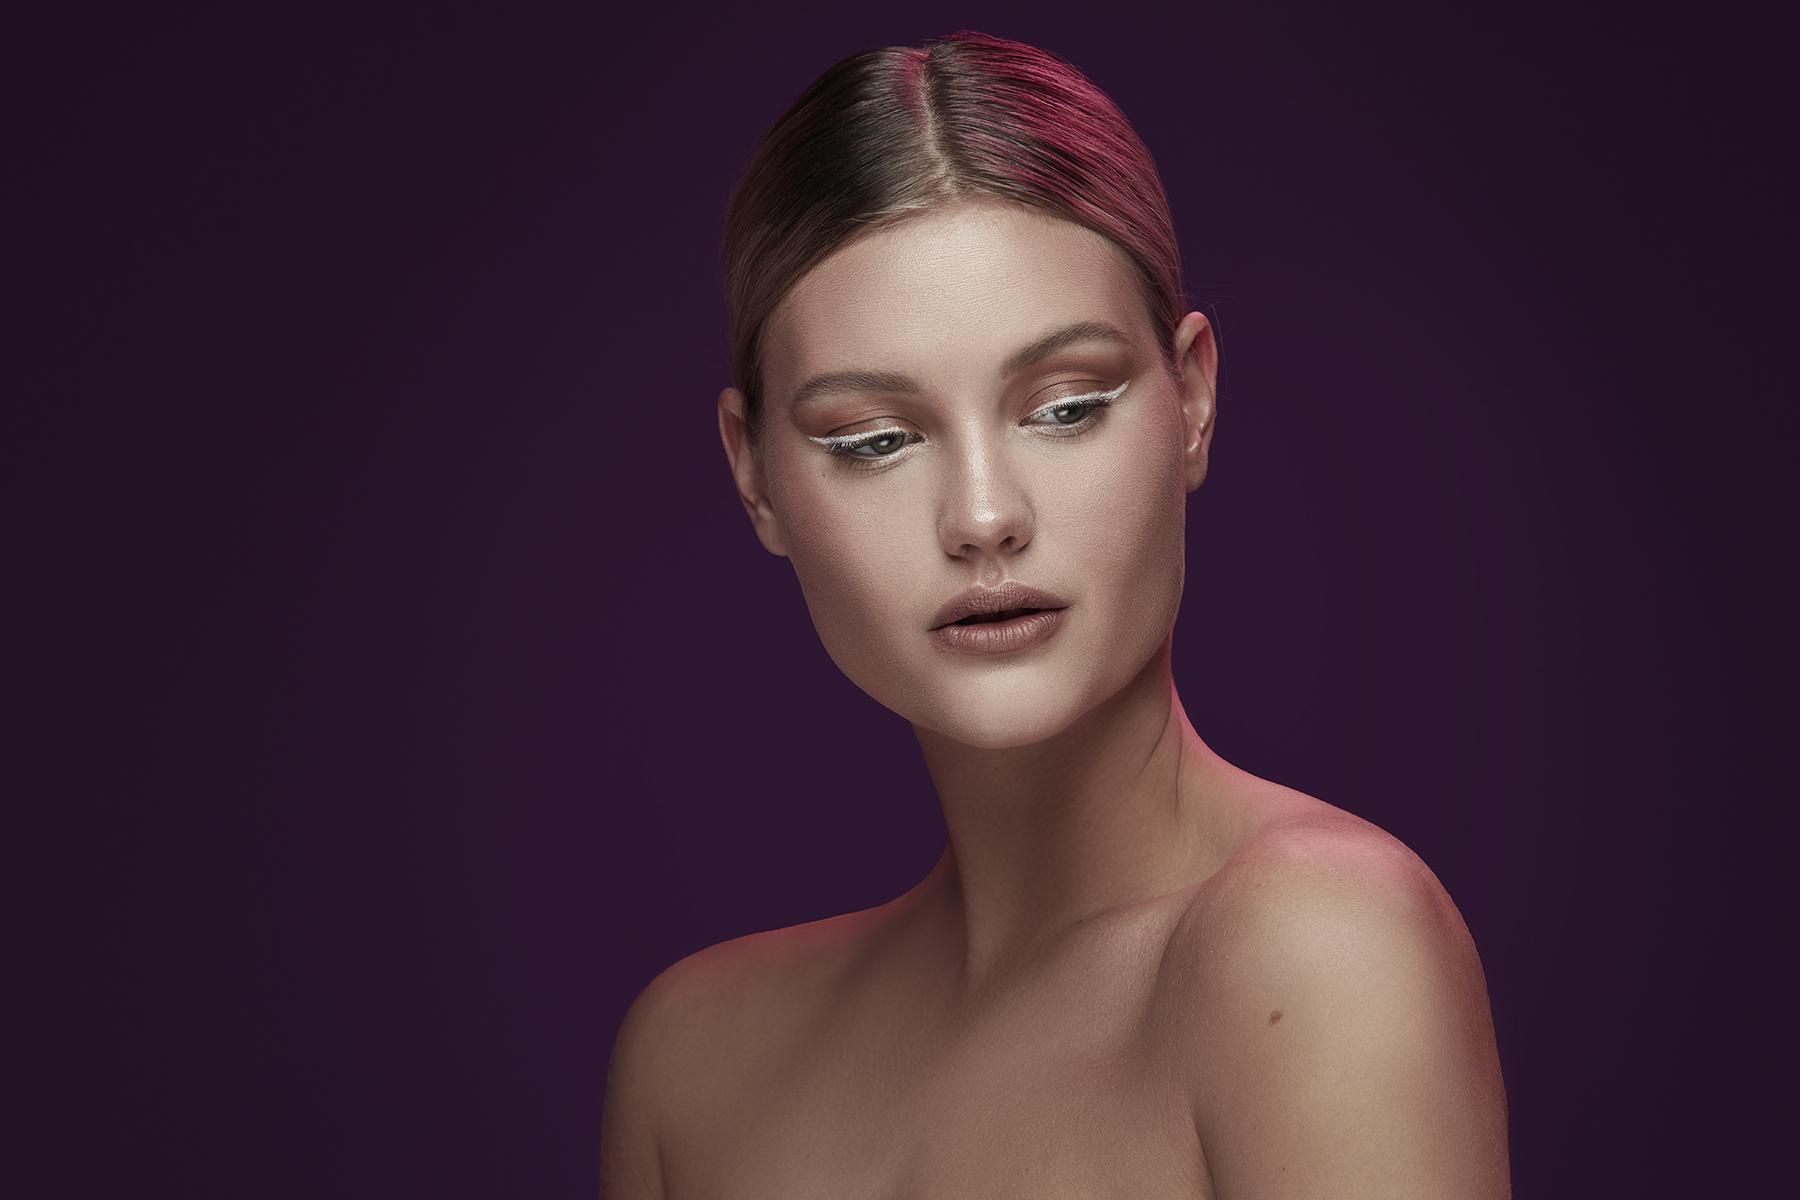 Regan_Beauty shoot - 28.05.20184183 1 1.jpg